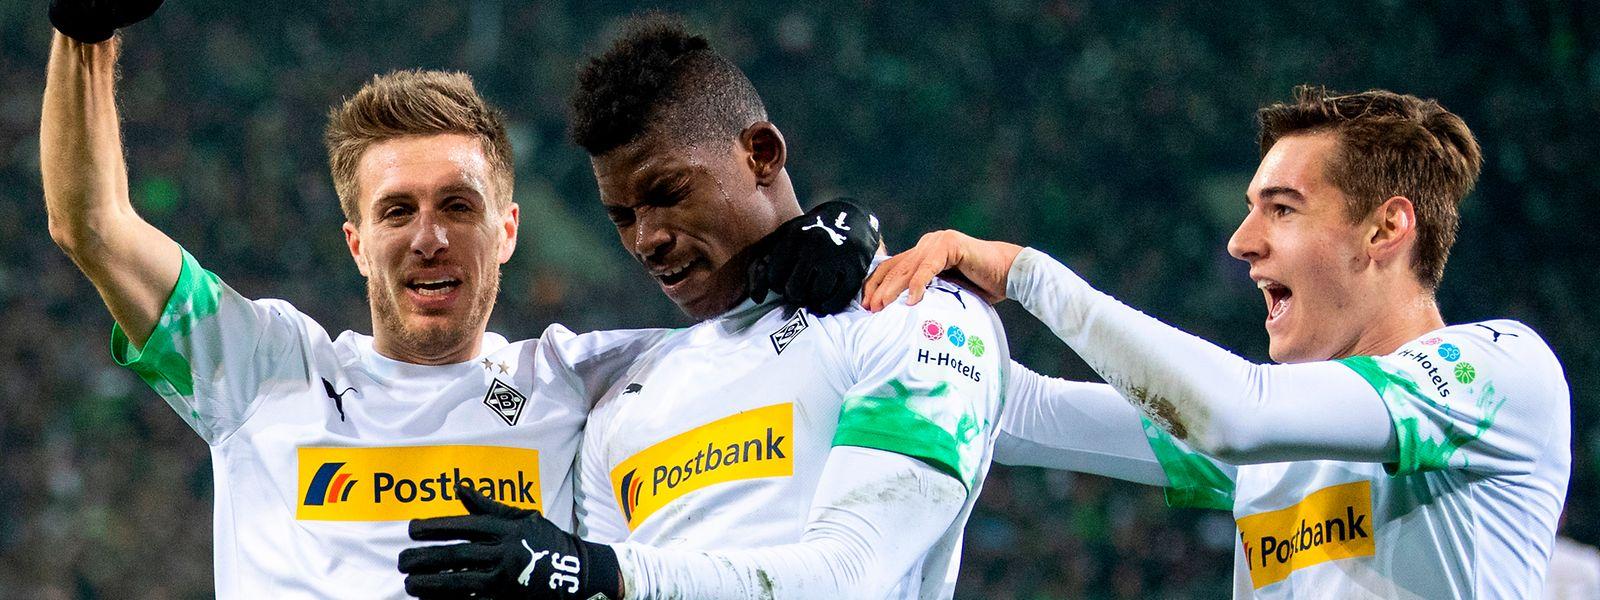 Patrick Herrmann (l.) und Breel Embolo schießen Mönchengladbach gegen Freiburg zum Sieg. Florian Neuhaus (r.) jubelt mit.